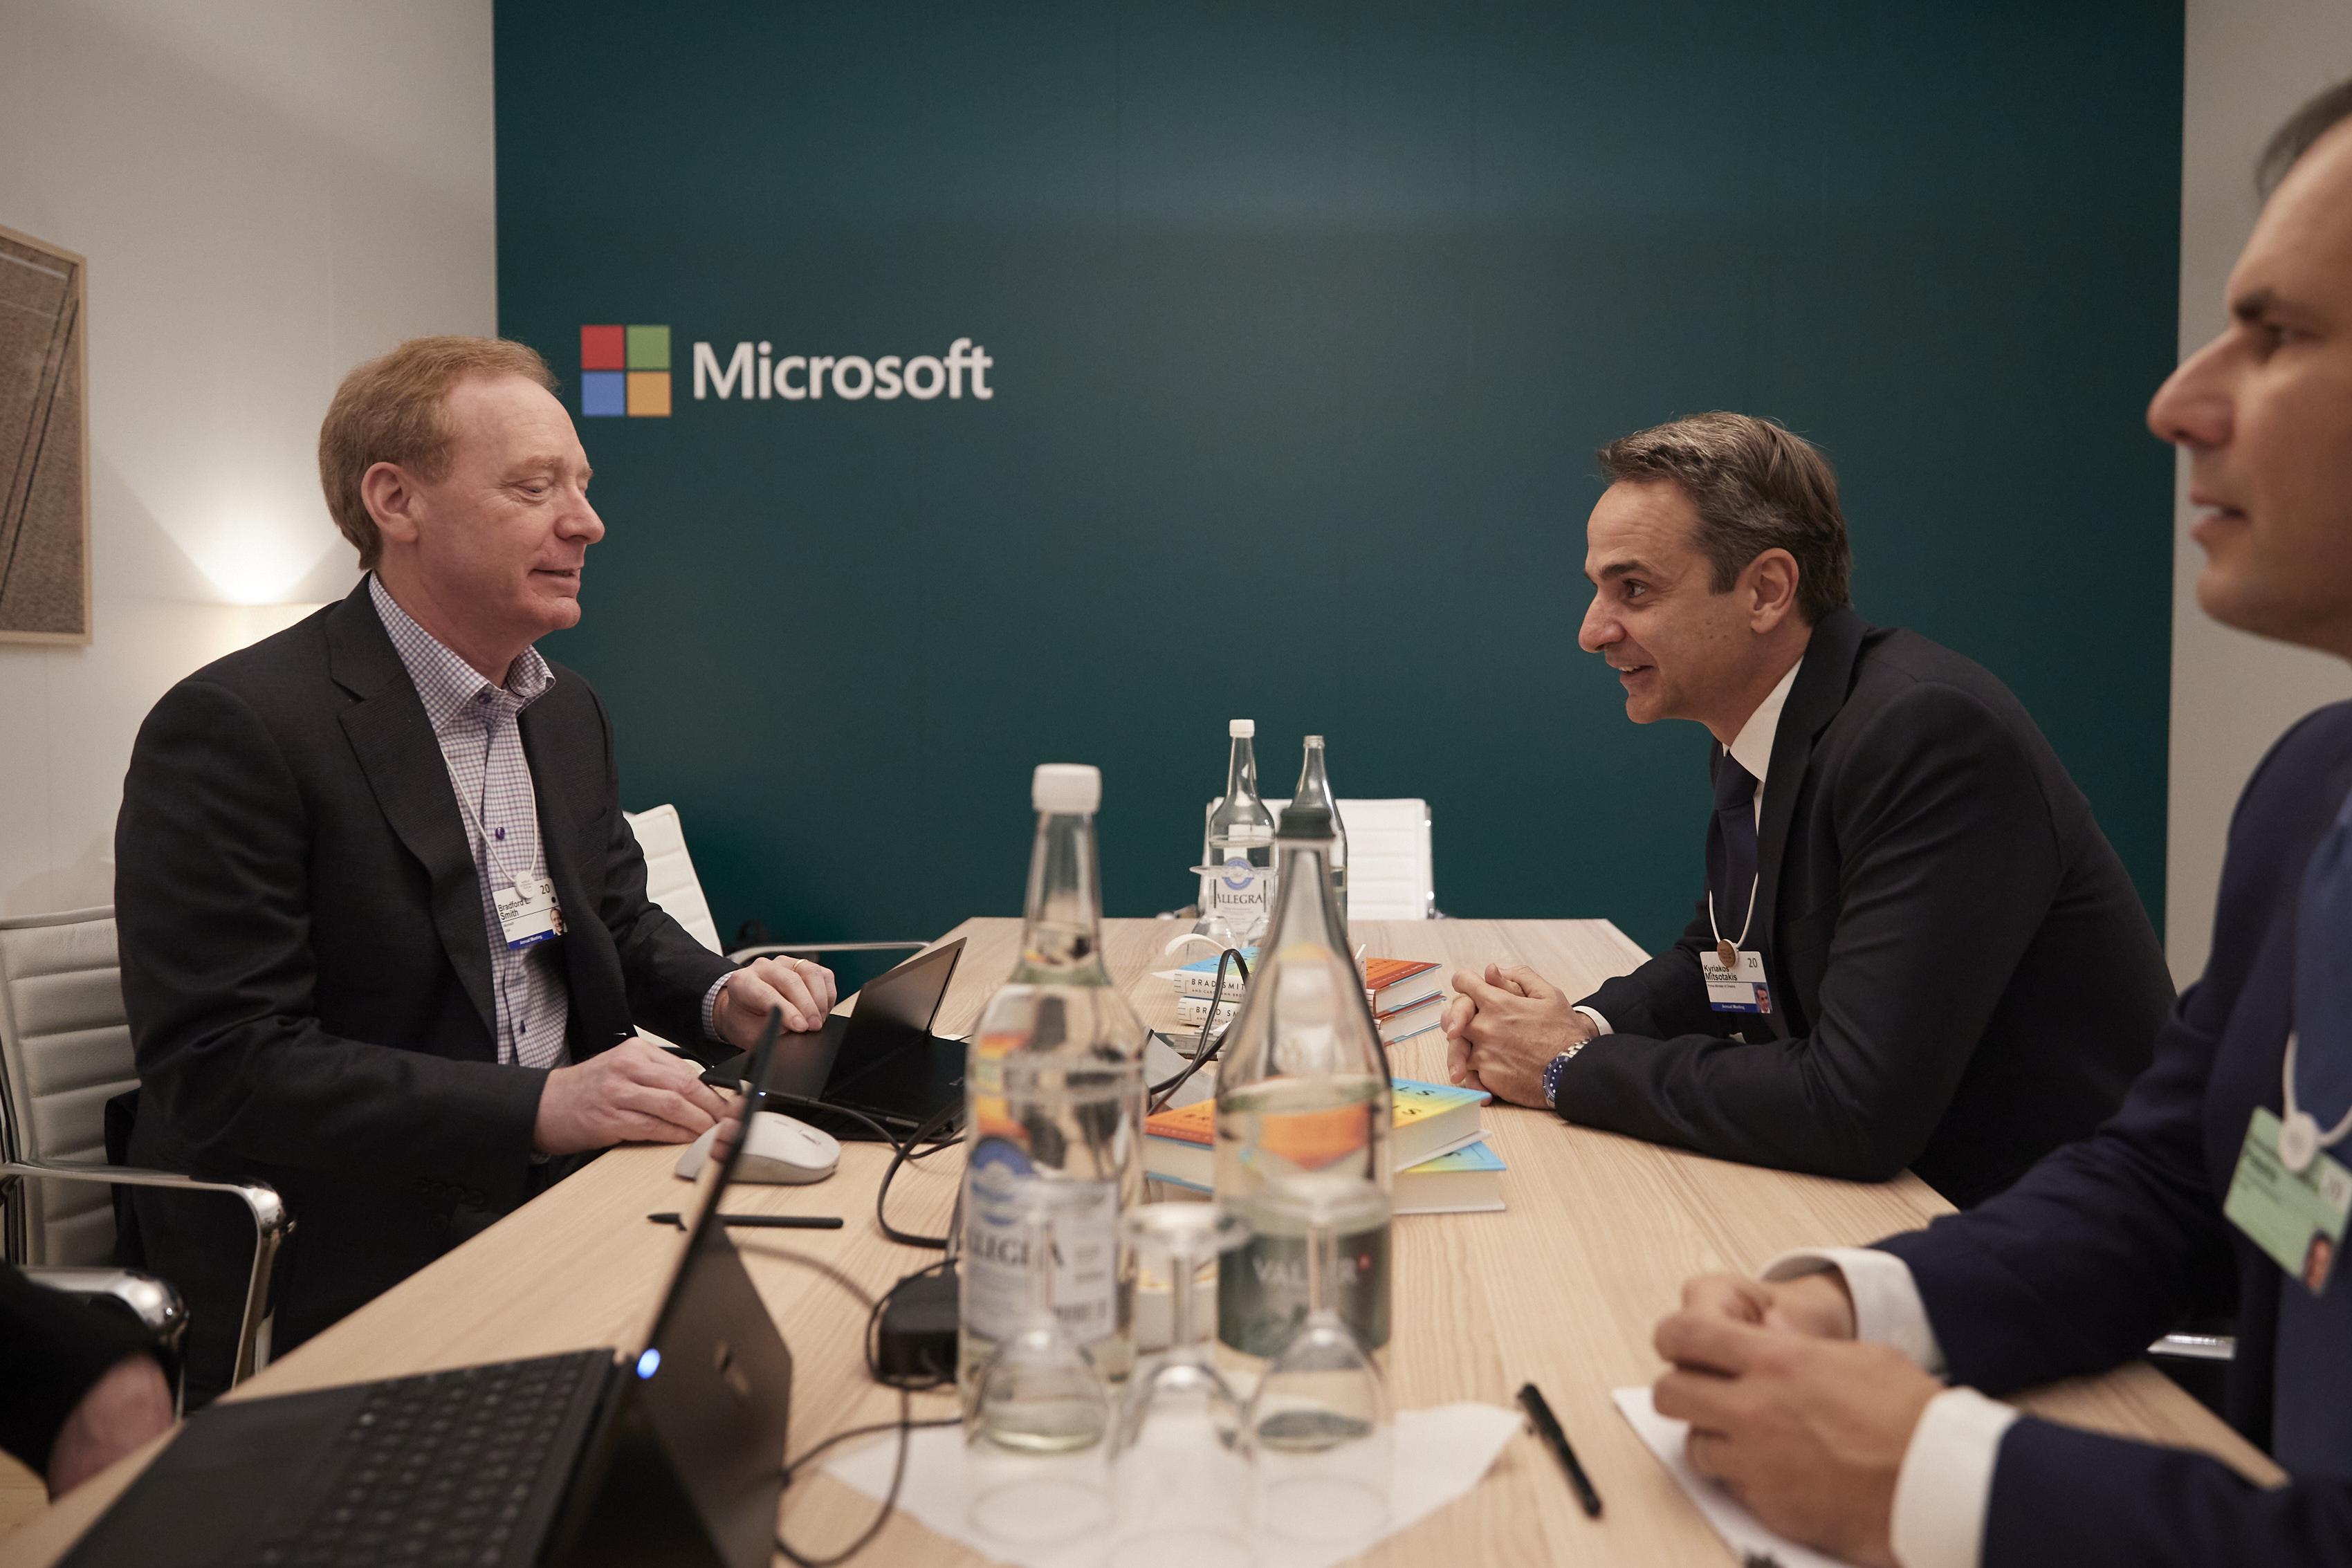 Πρόταση Μητσοτάκη στον Πρόεδρο της Microsoft